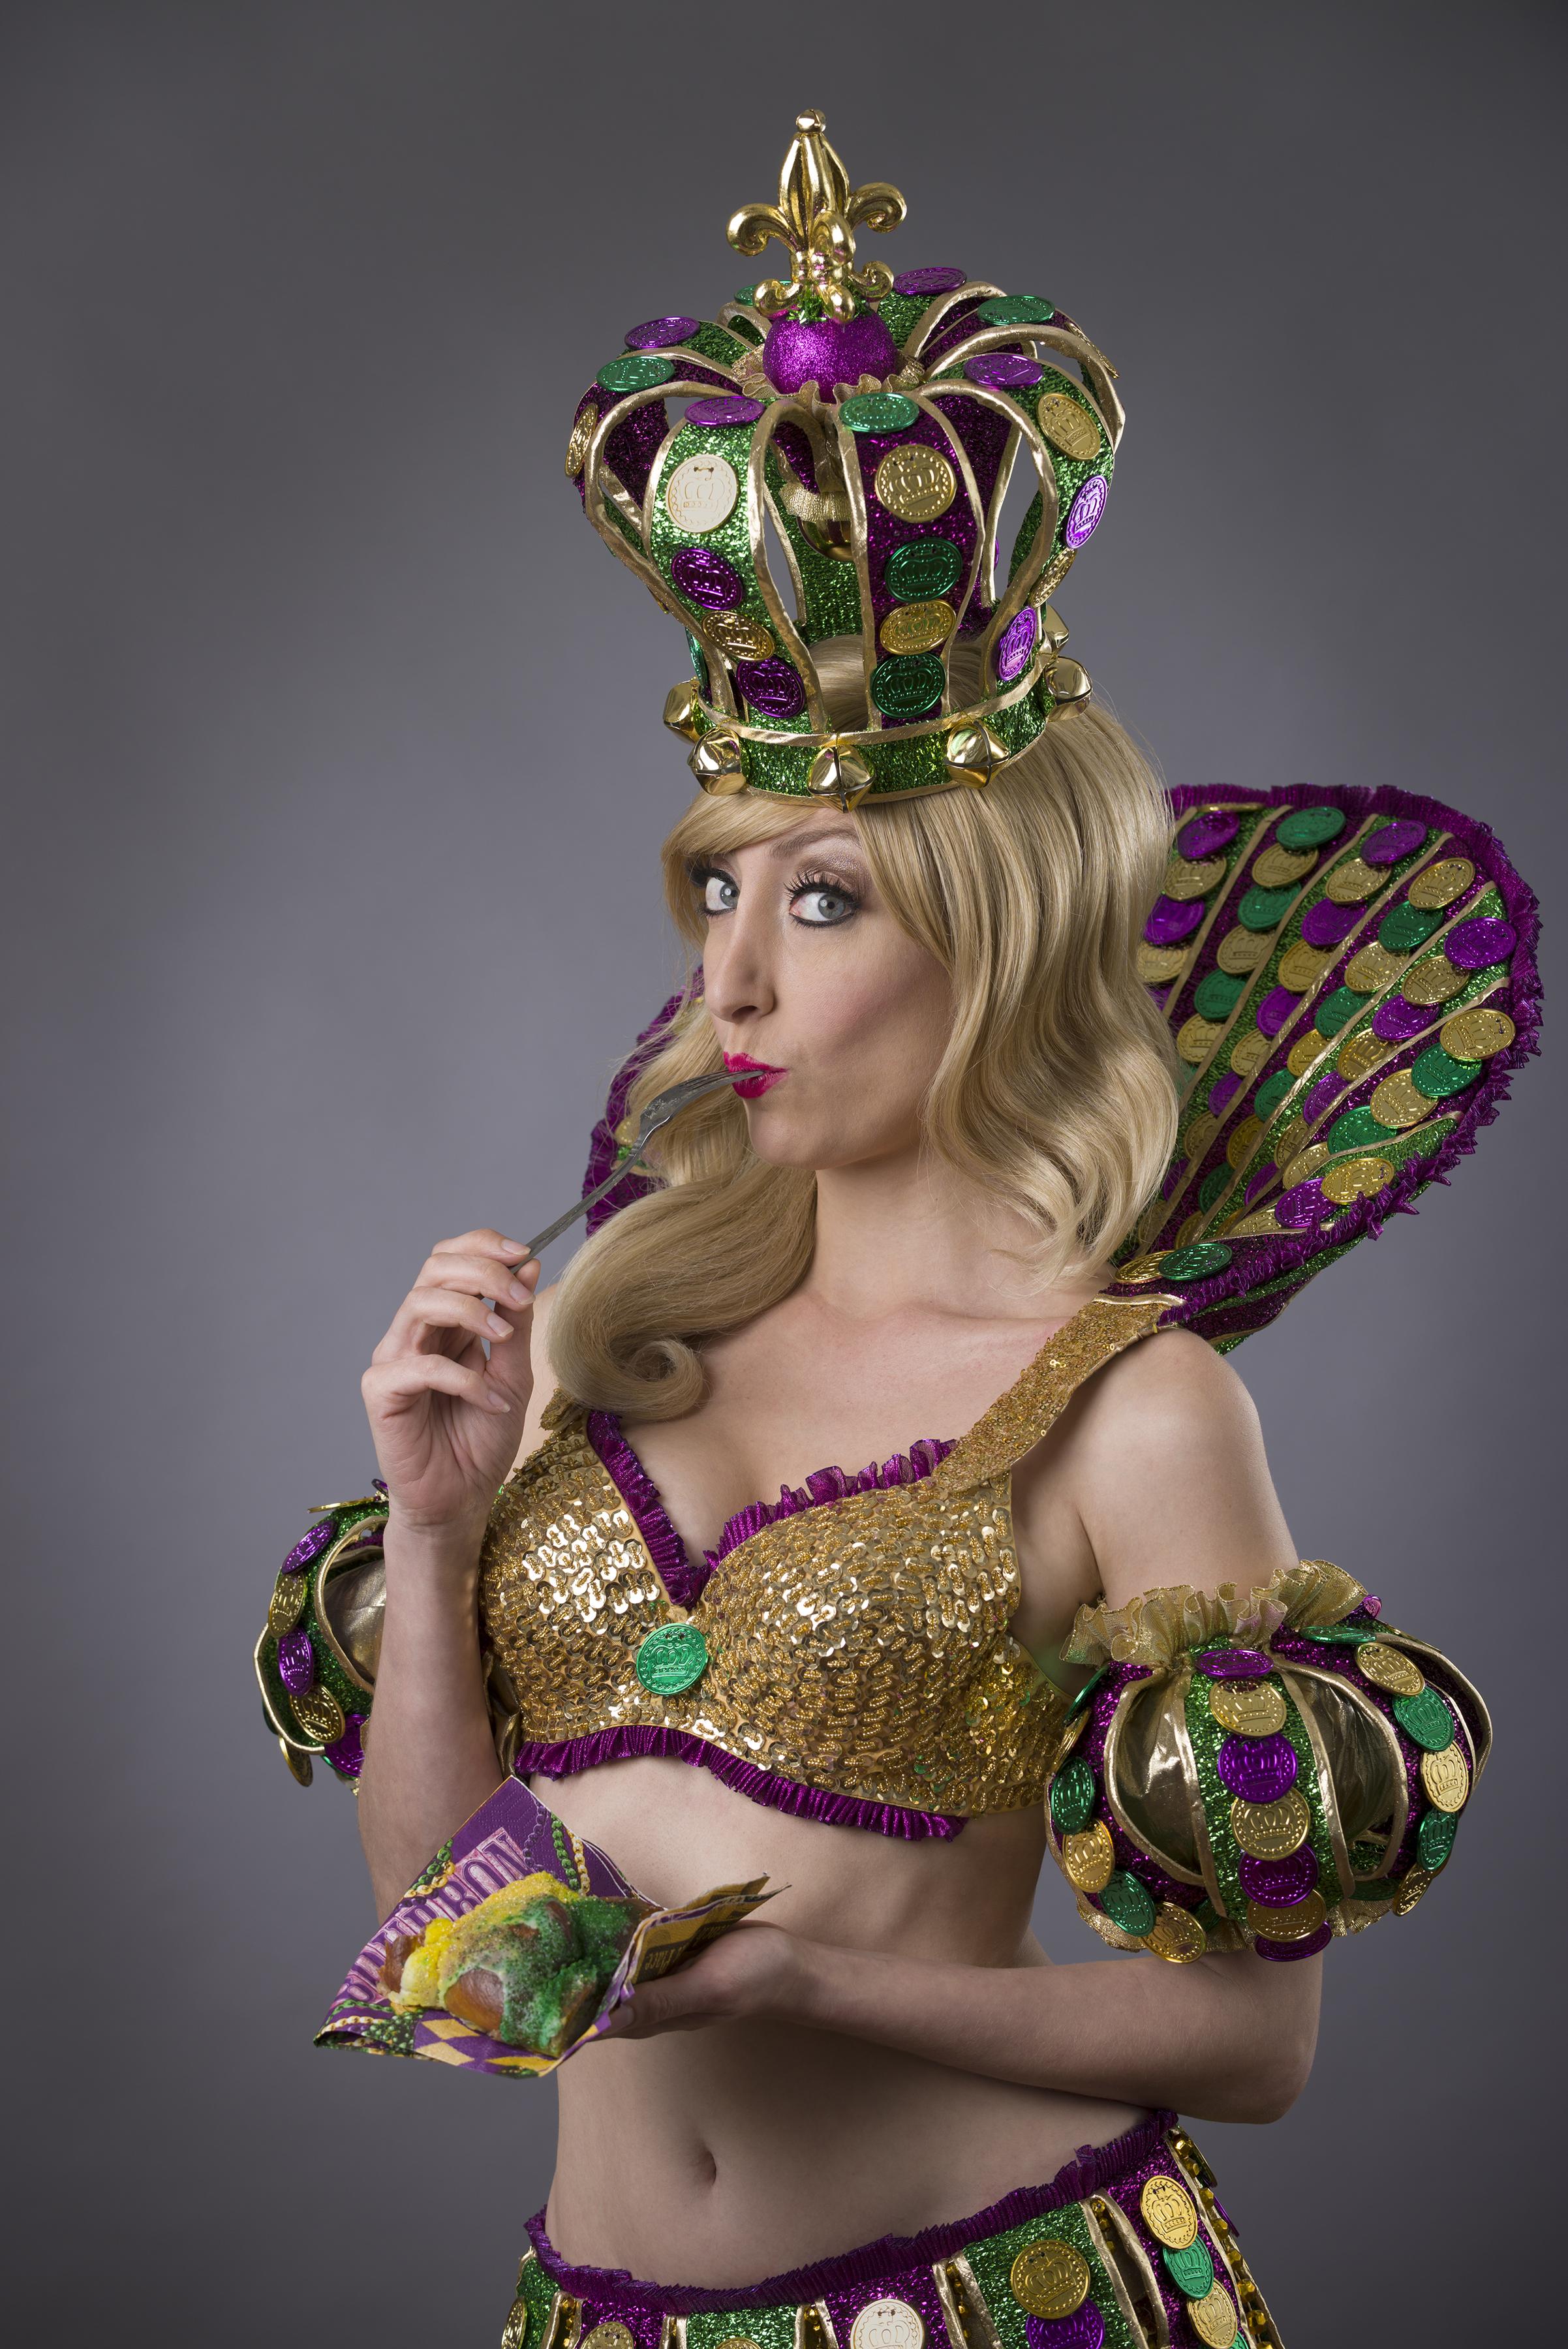 The Art of Tease: NOLA Burlesque